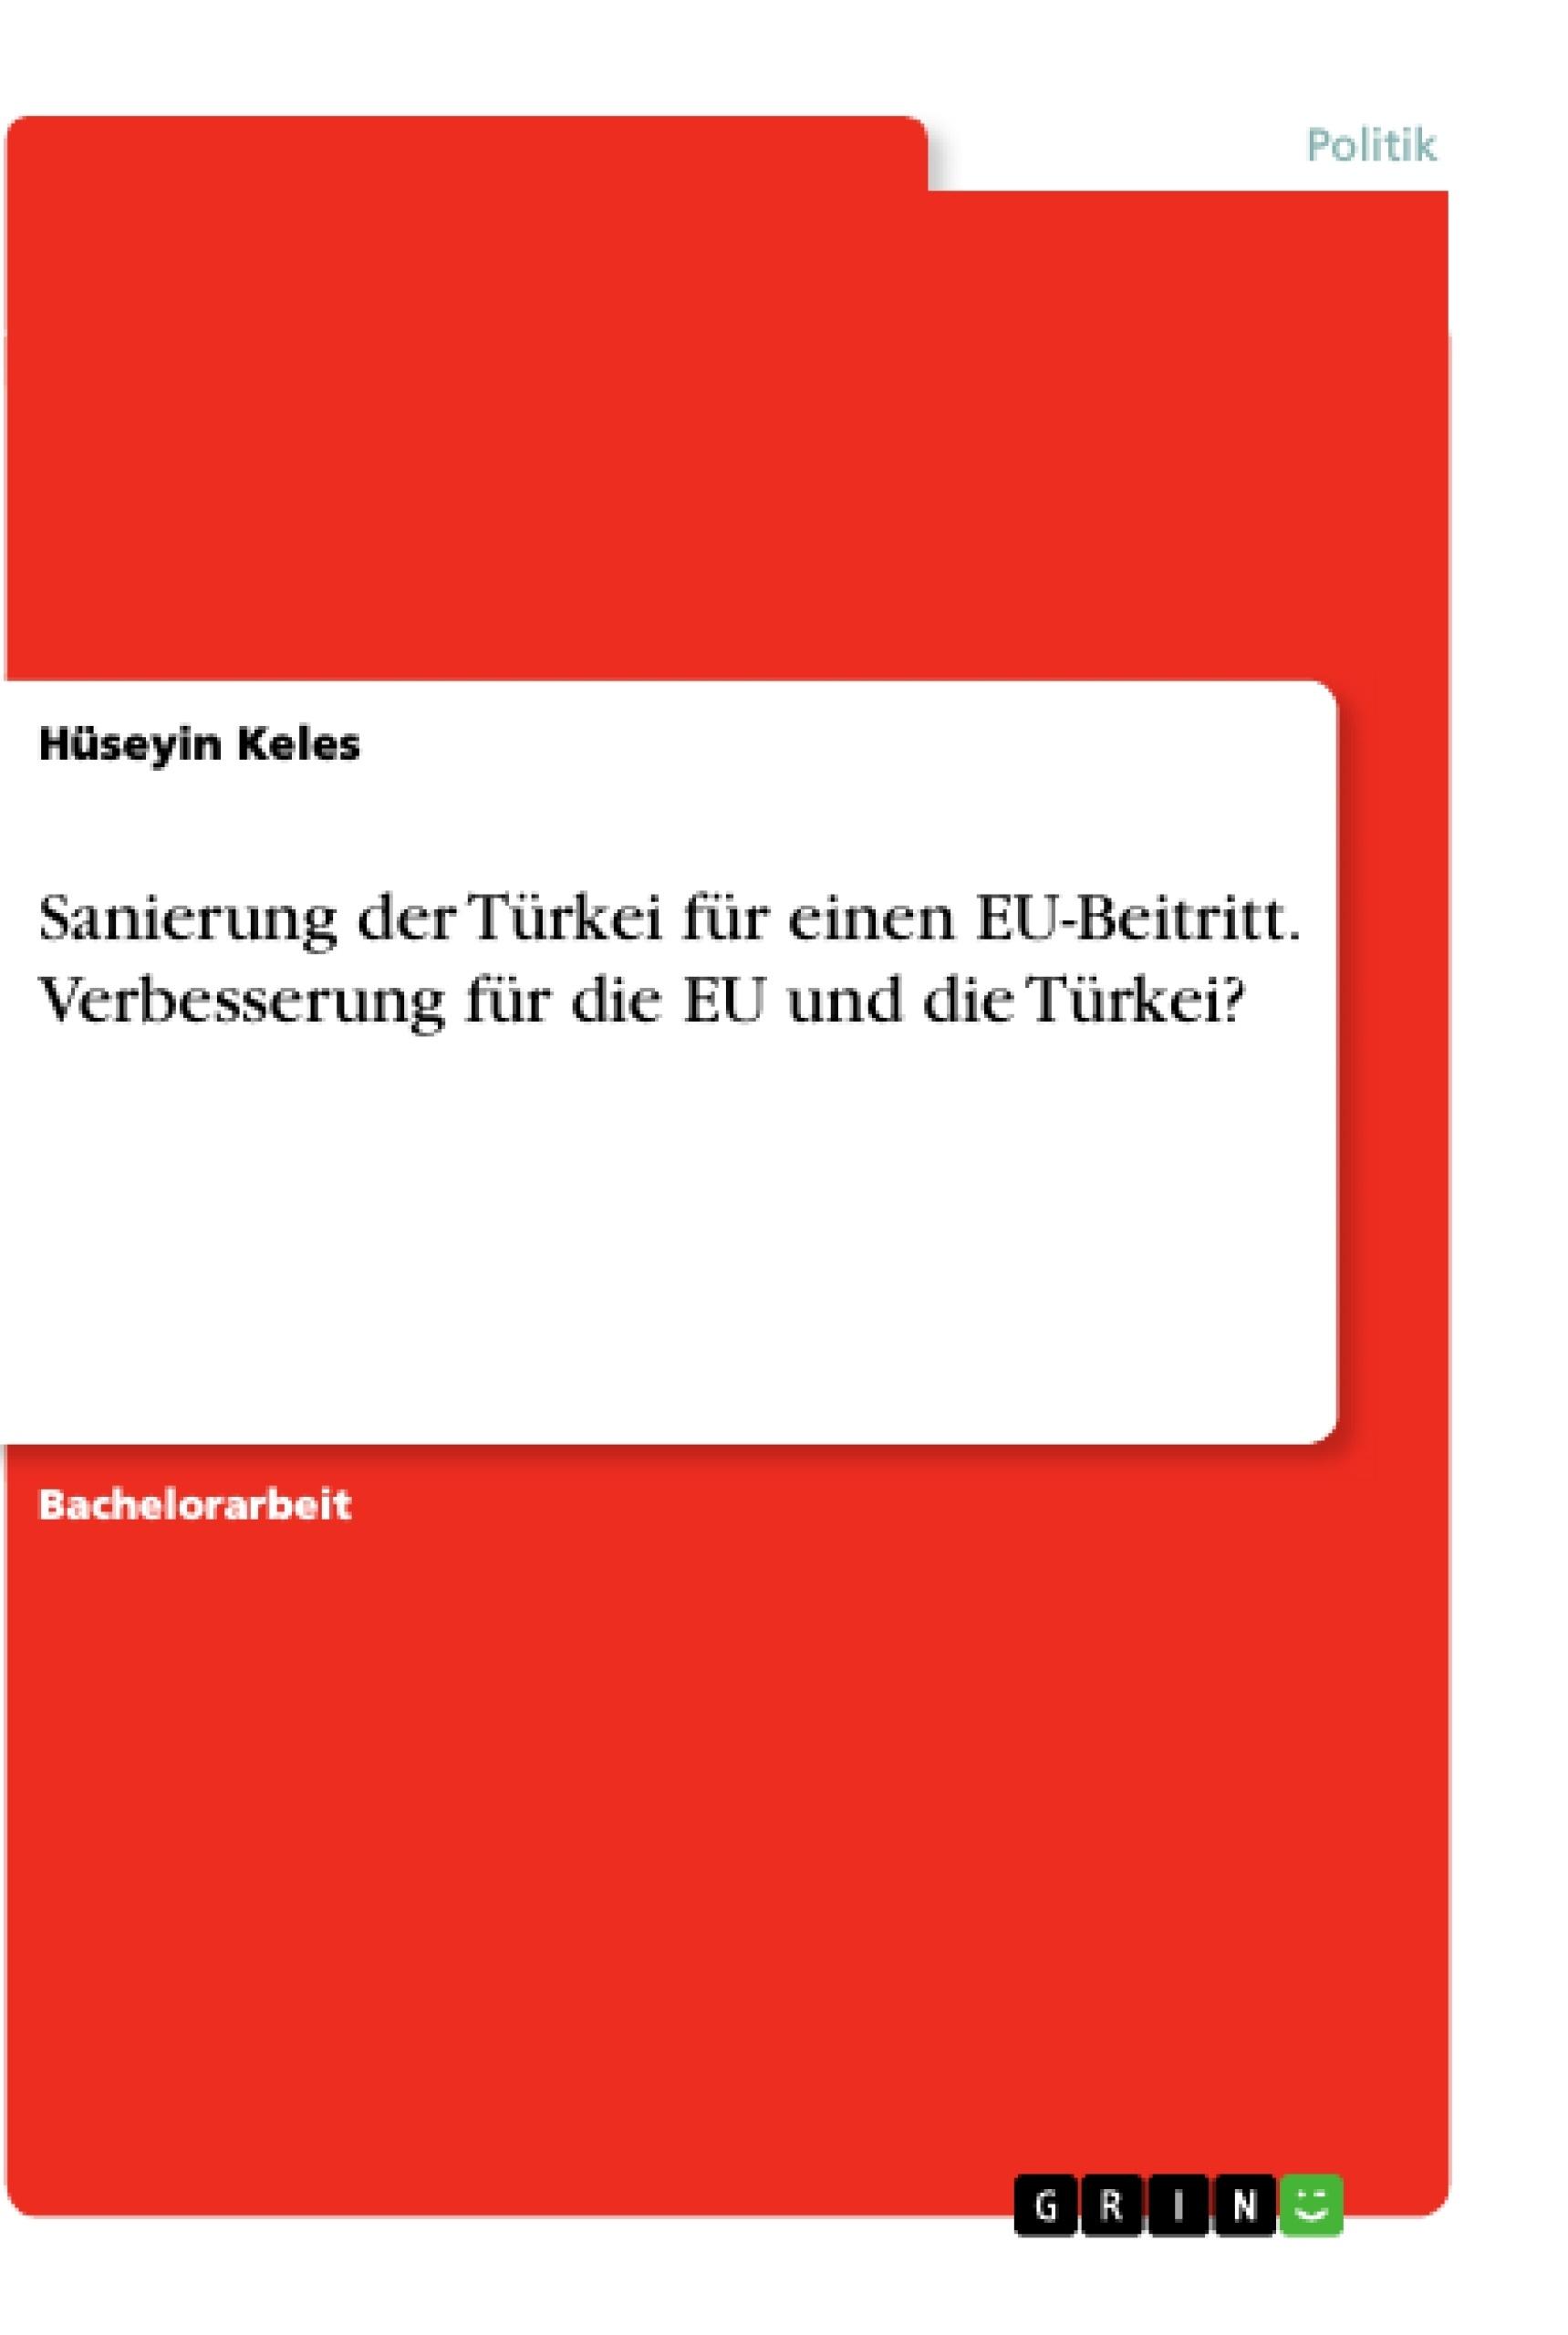 Titel: Sanierung der Türkei für einen EU-Beitritt. Verbesserung für die EU und die Türkei?